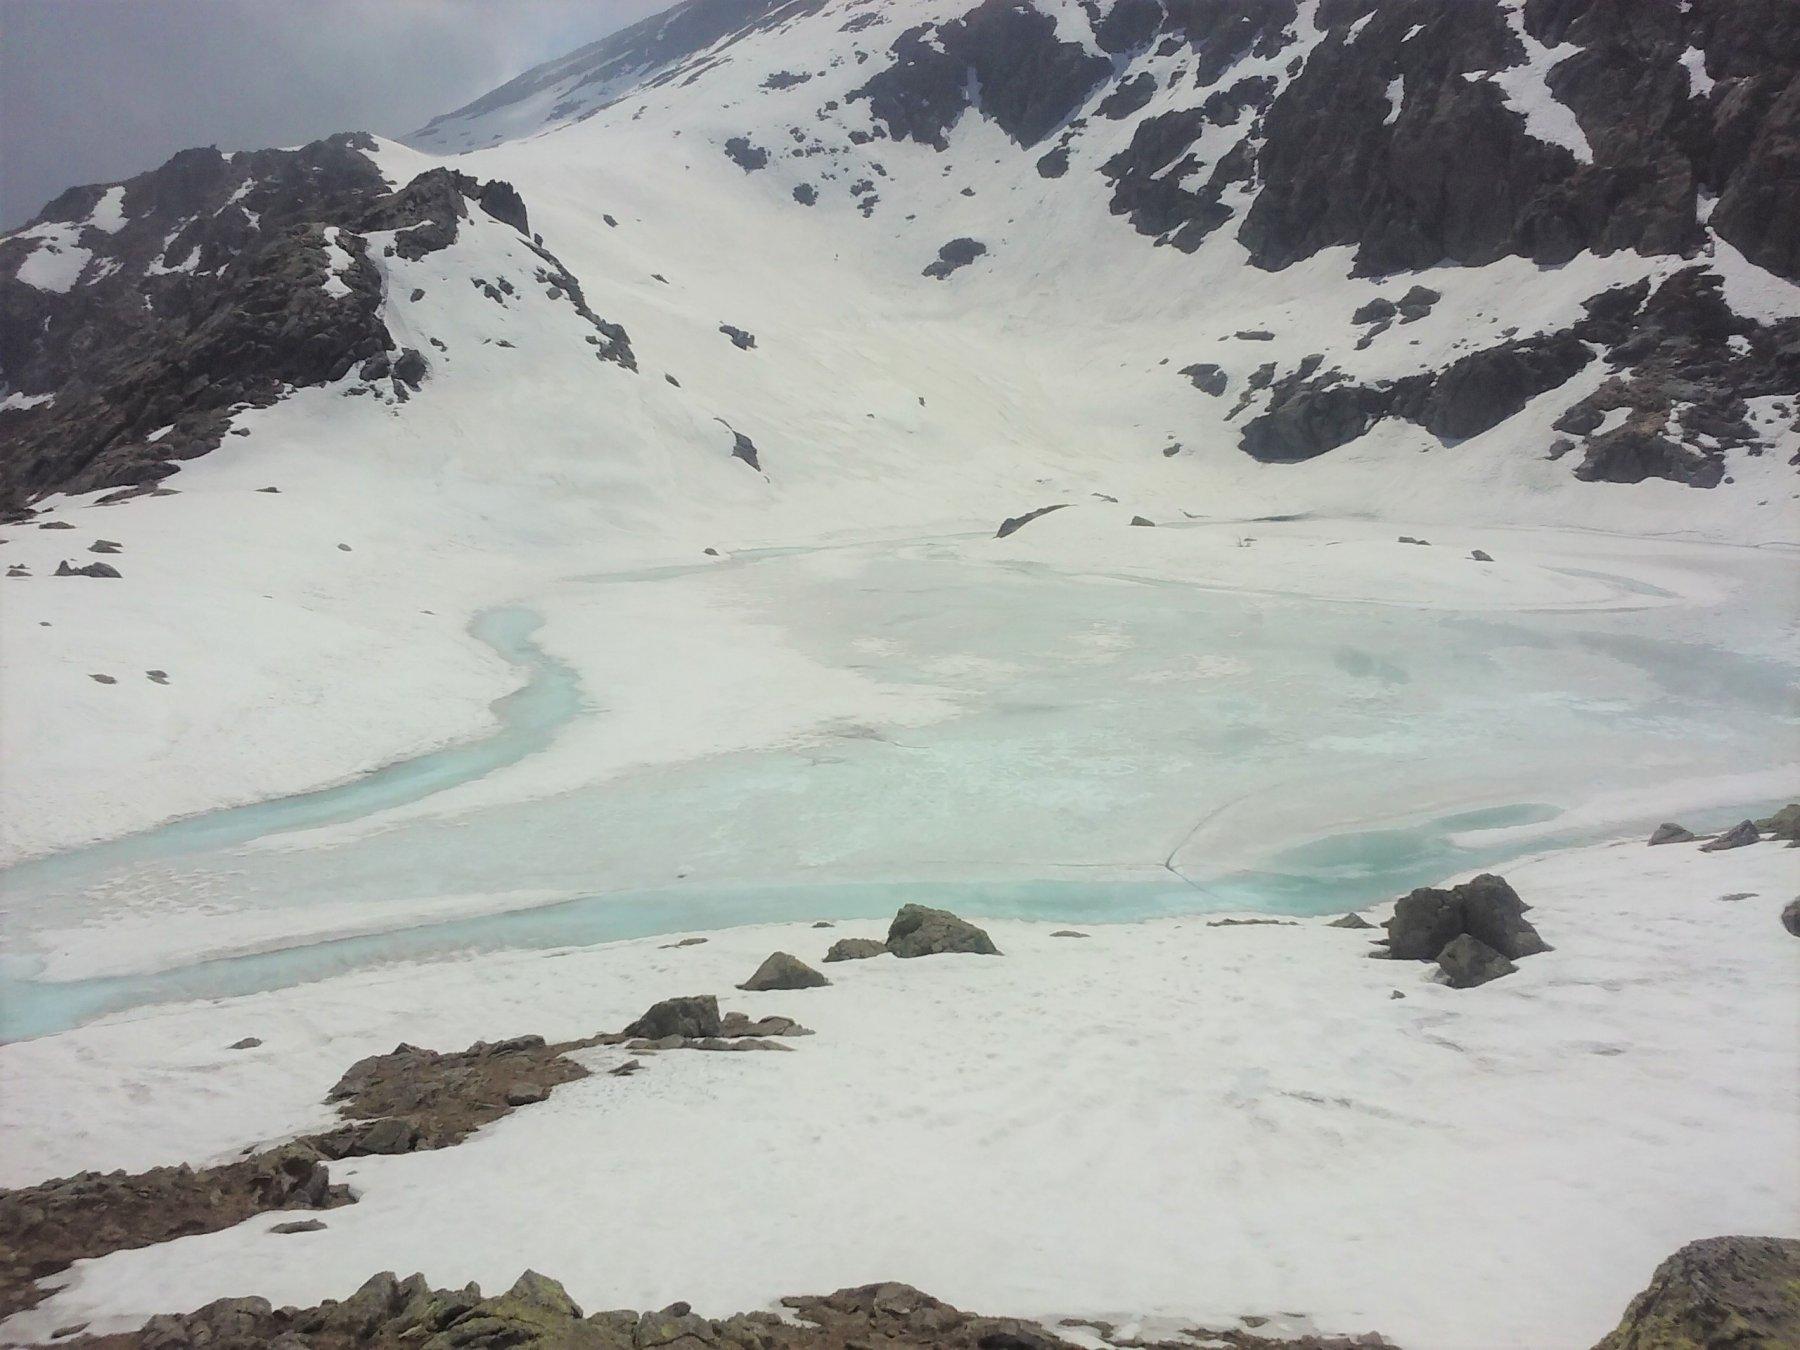 Il lago di Viana dai pressi del colle.